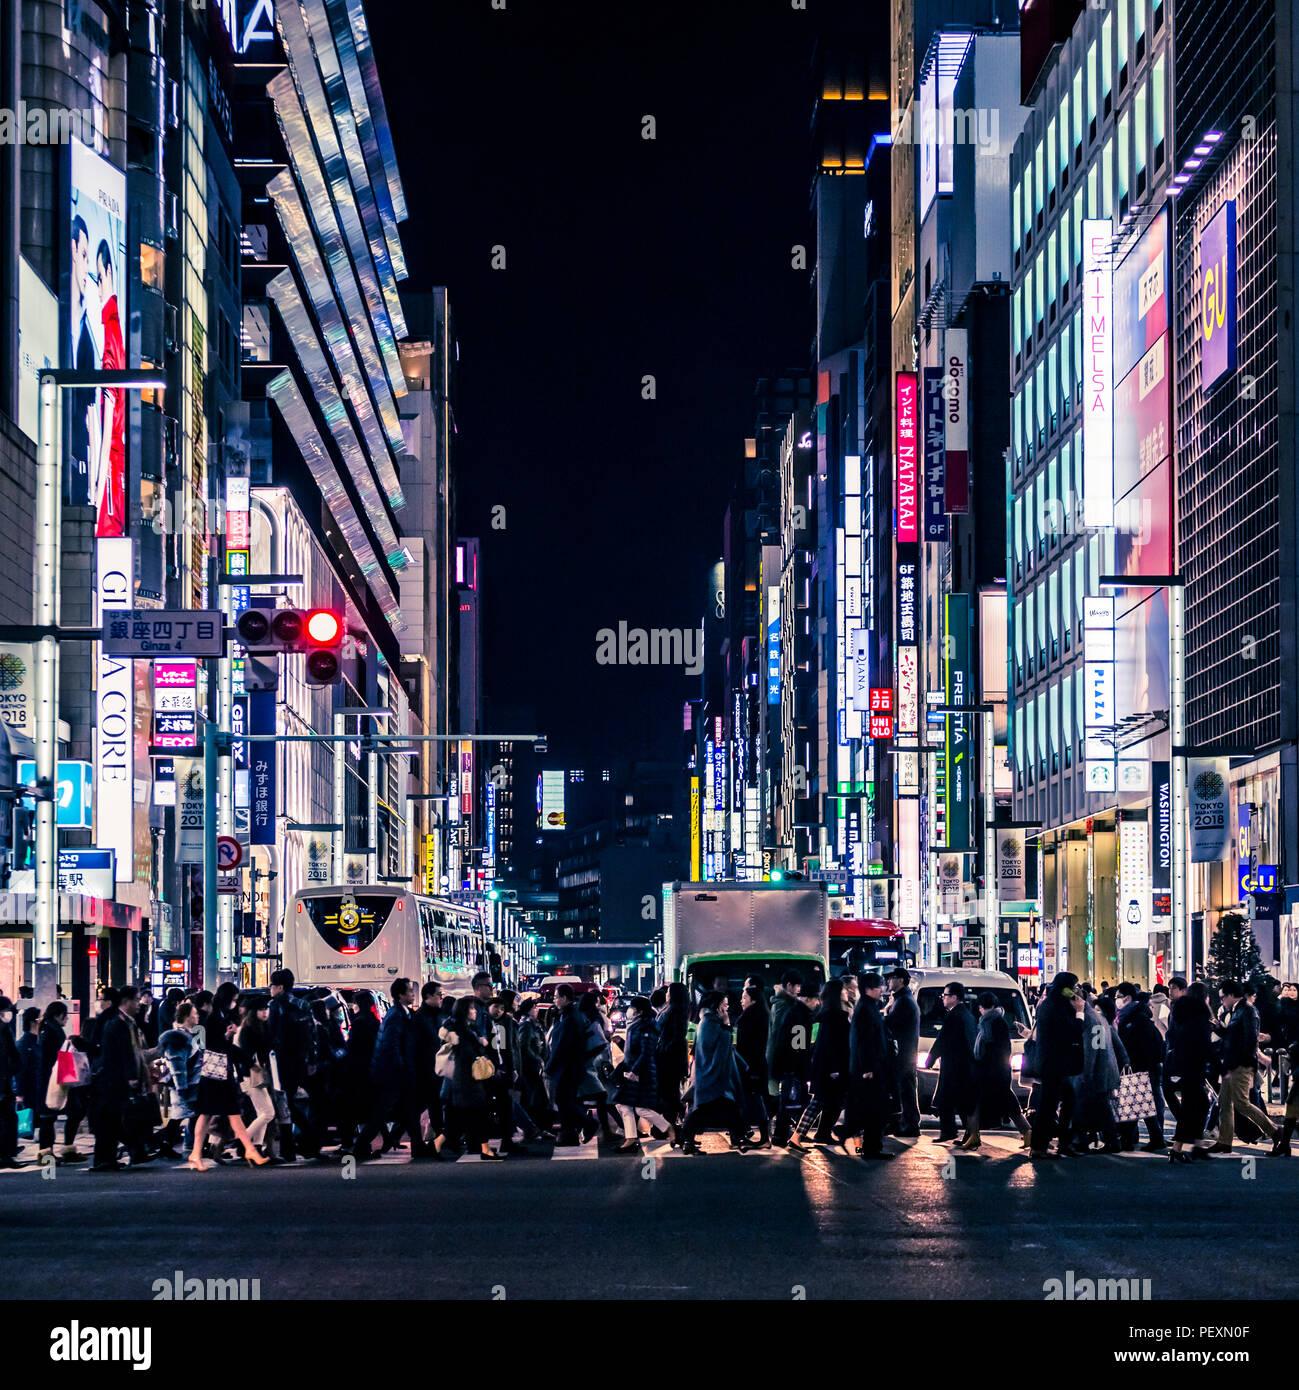 Masse der Menschen auf der Straße im Bezirk Ginza in Tokio, Japan Stockbild